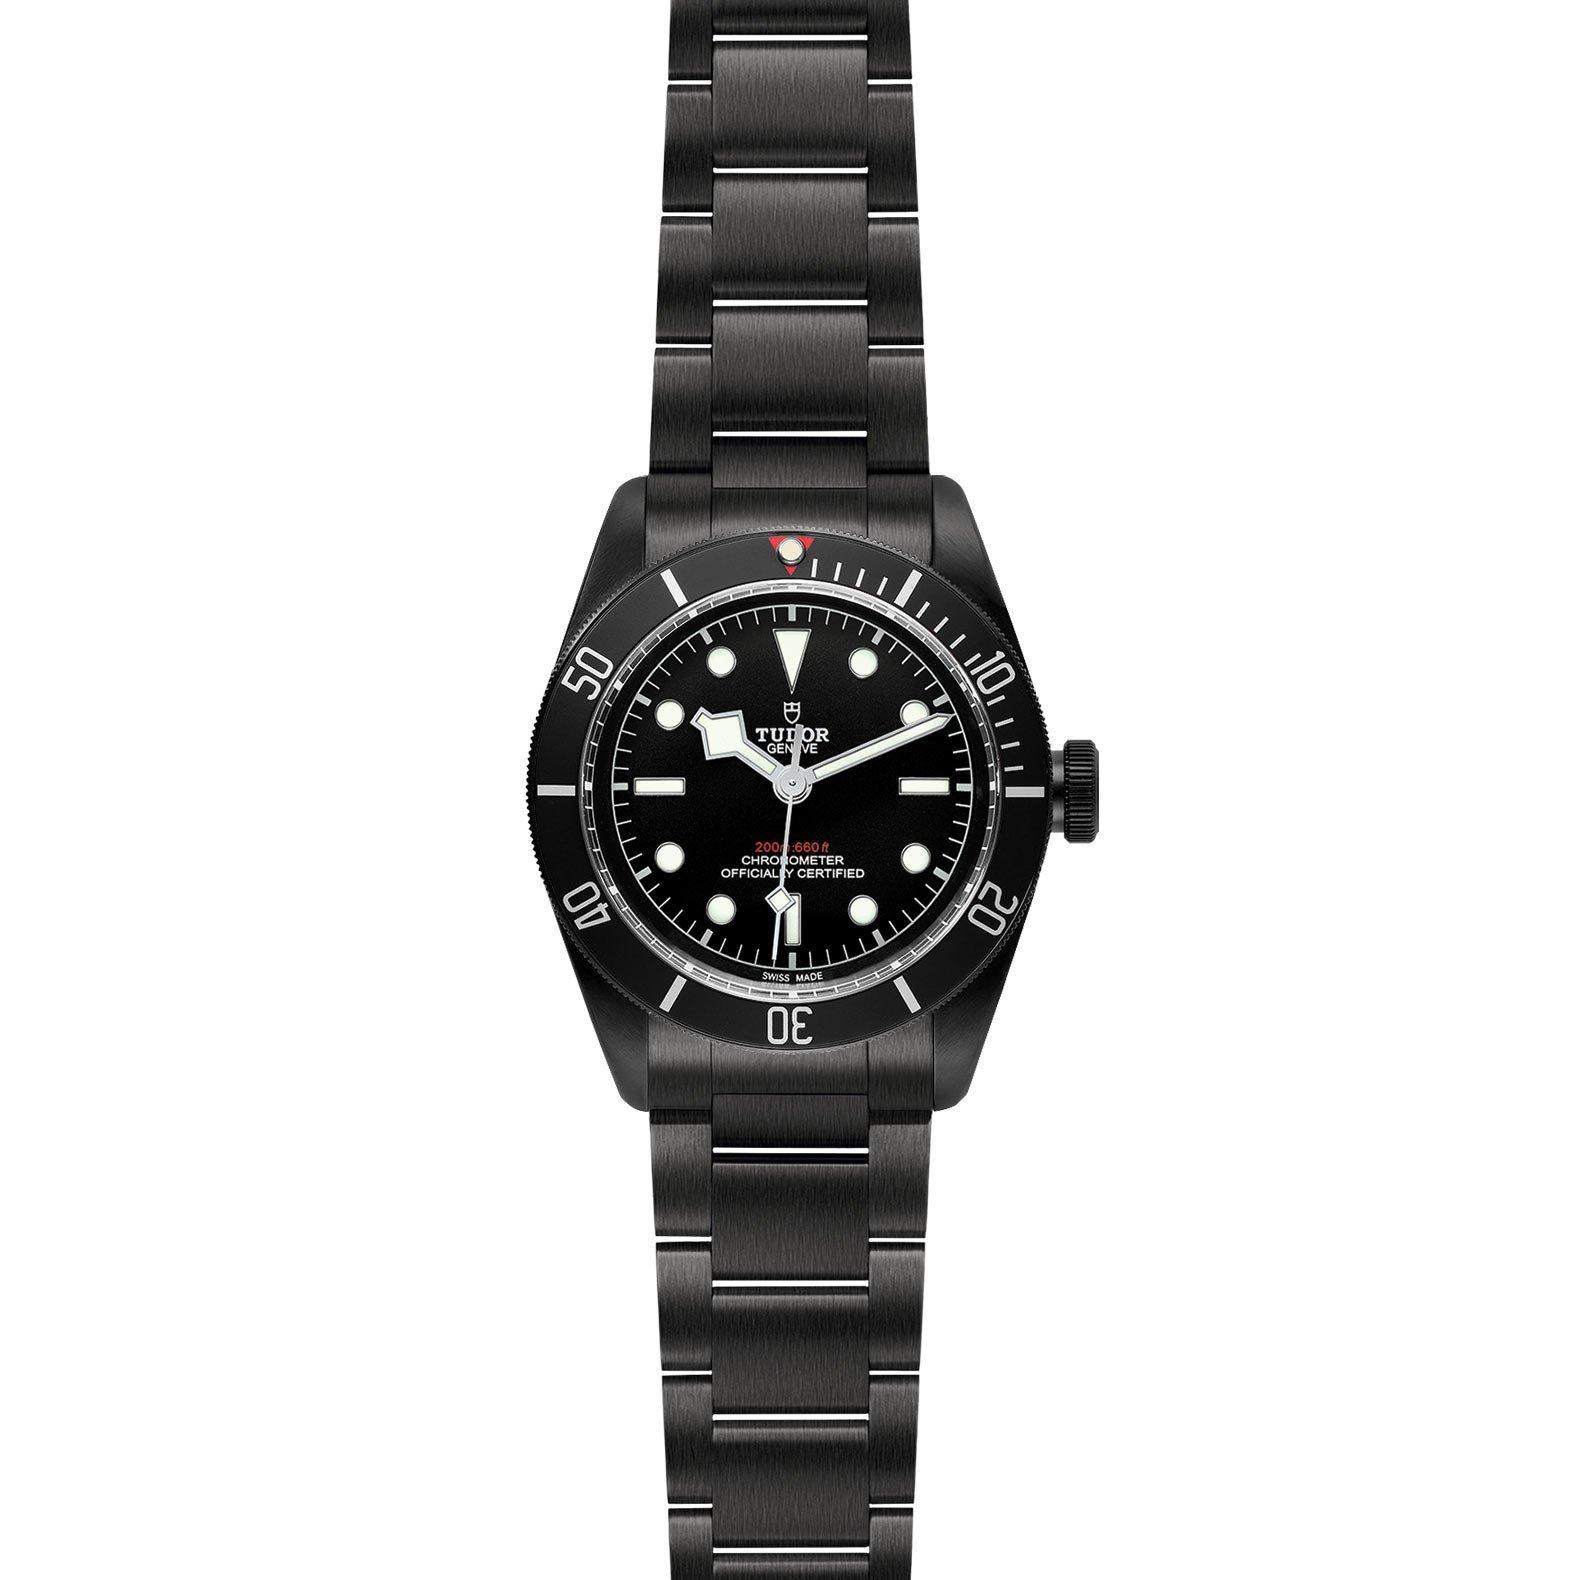 Montre TUDOR Black Bay Dark boîtier en acier traité pvd, 41mm, bracelet en acier vue 2